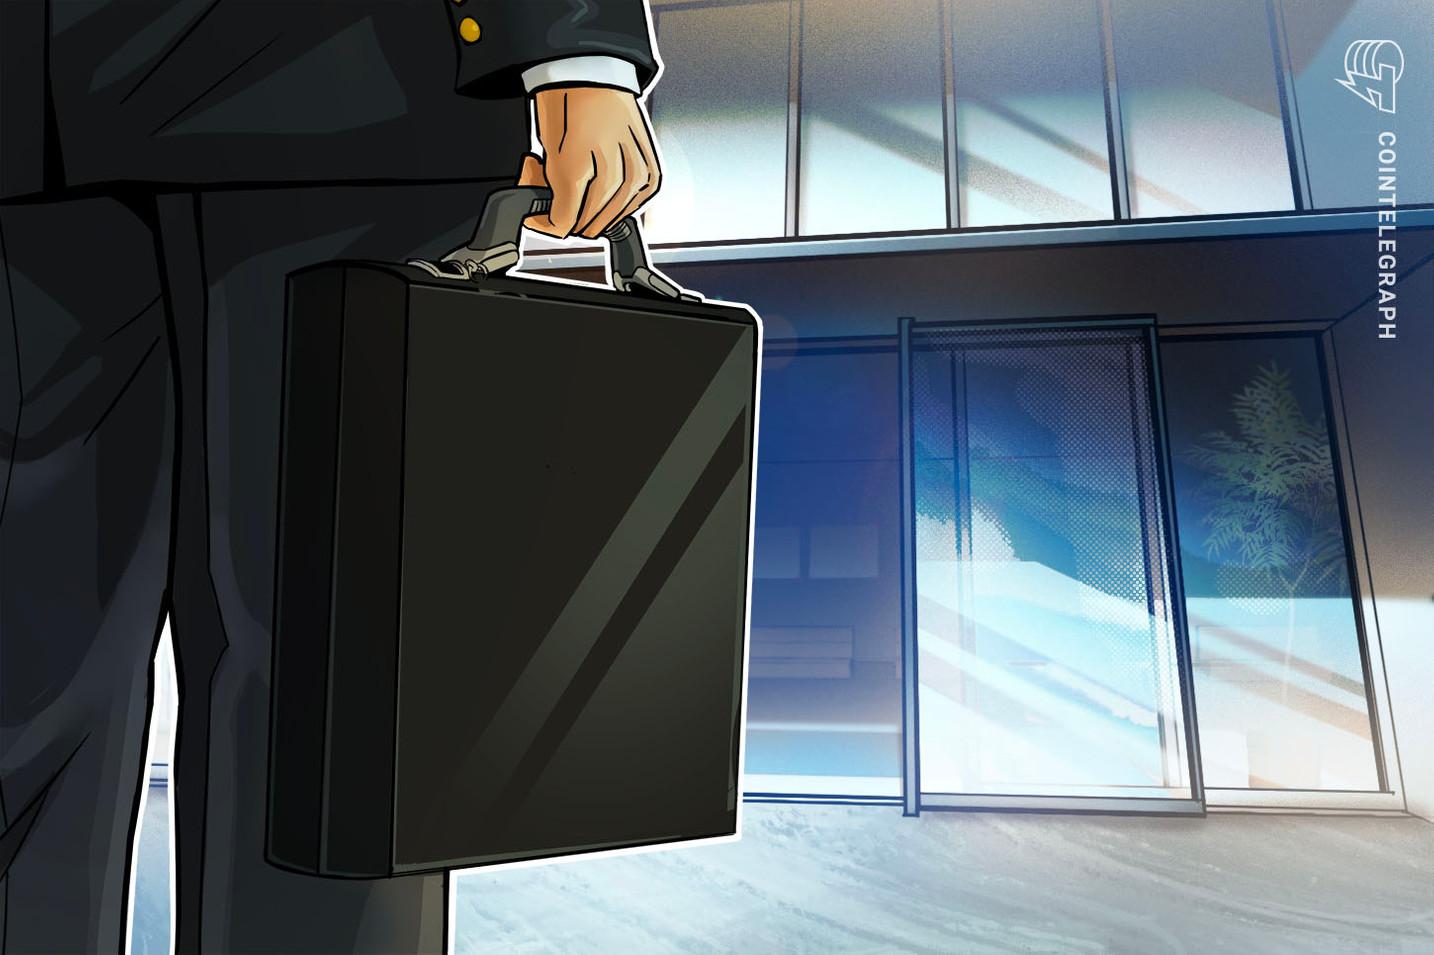 Specijalista za nove proizvode pridružio se Fidelity-u da bi se fokusirao na kripto strategiju